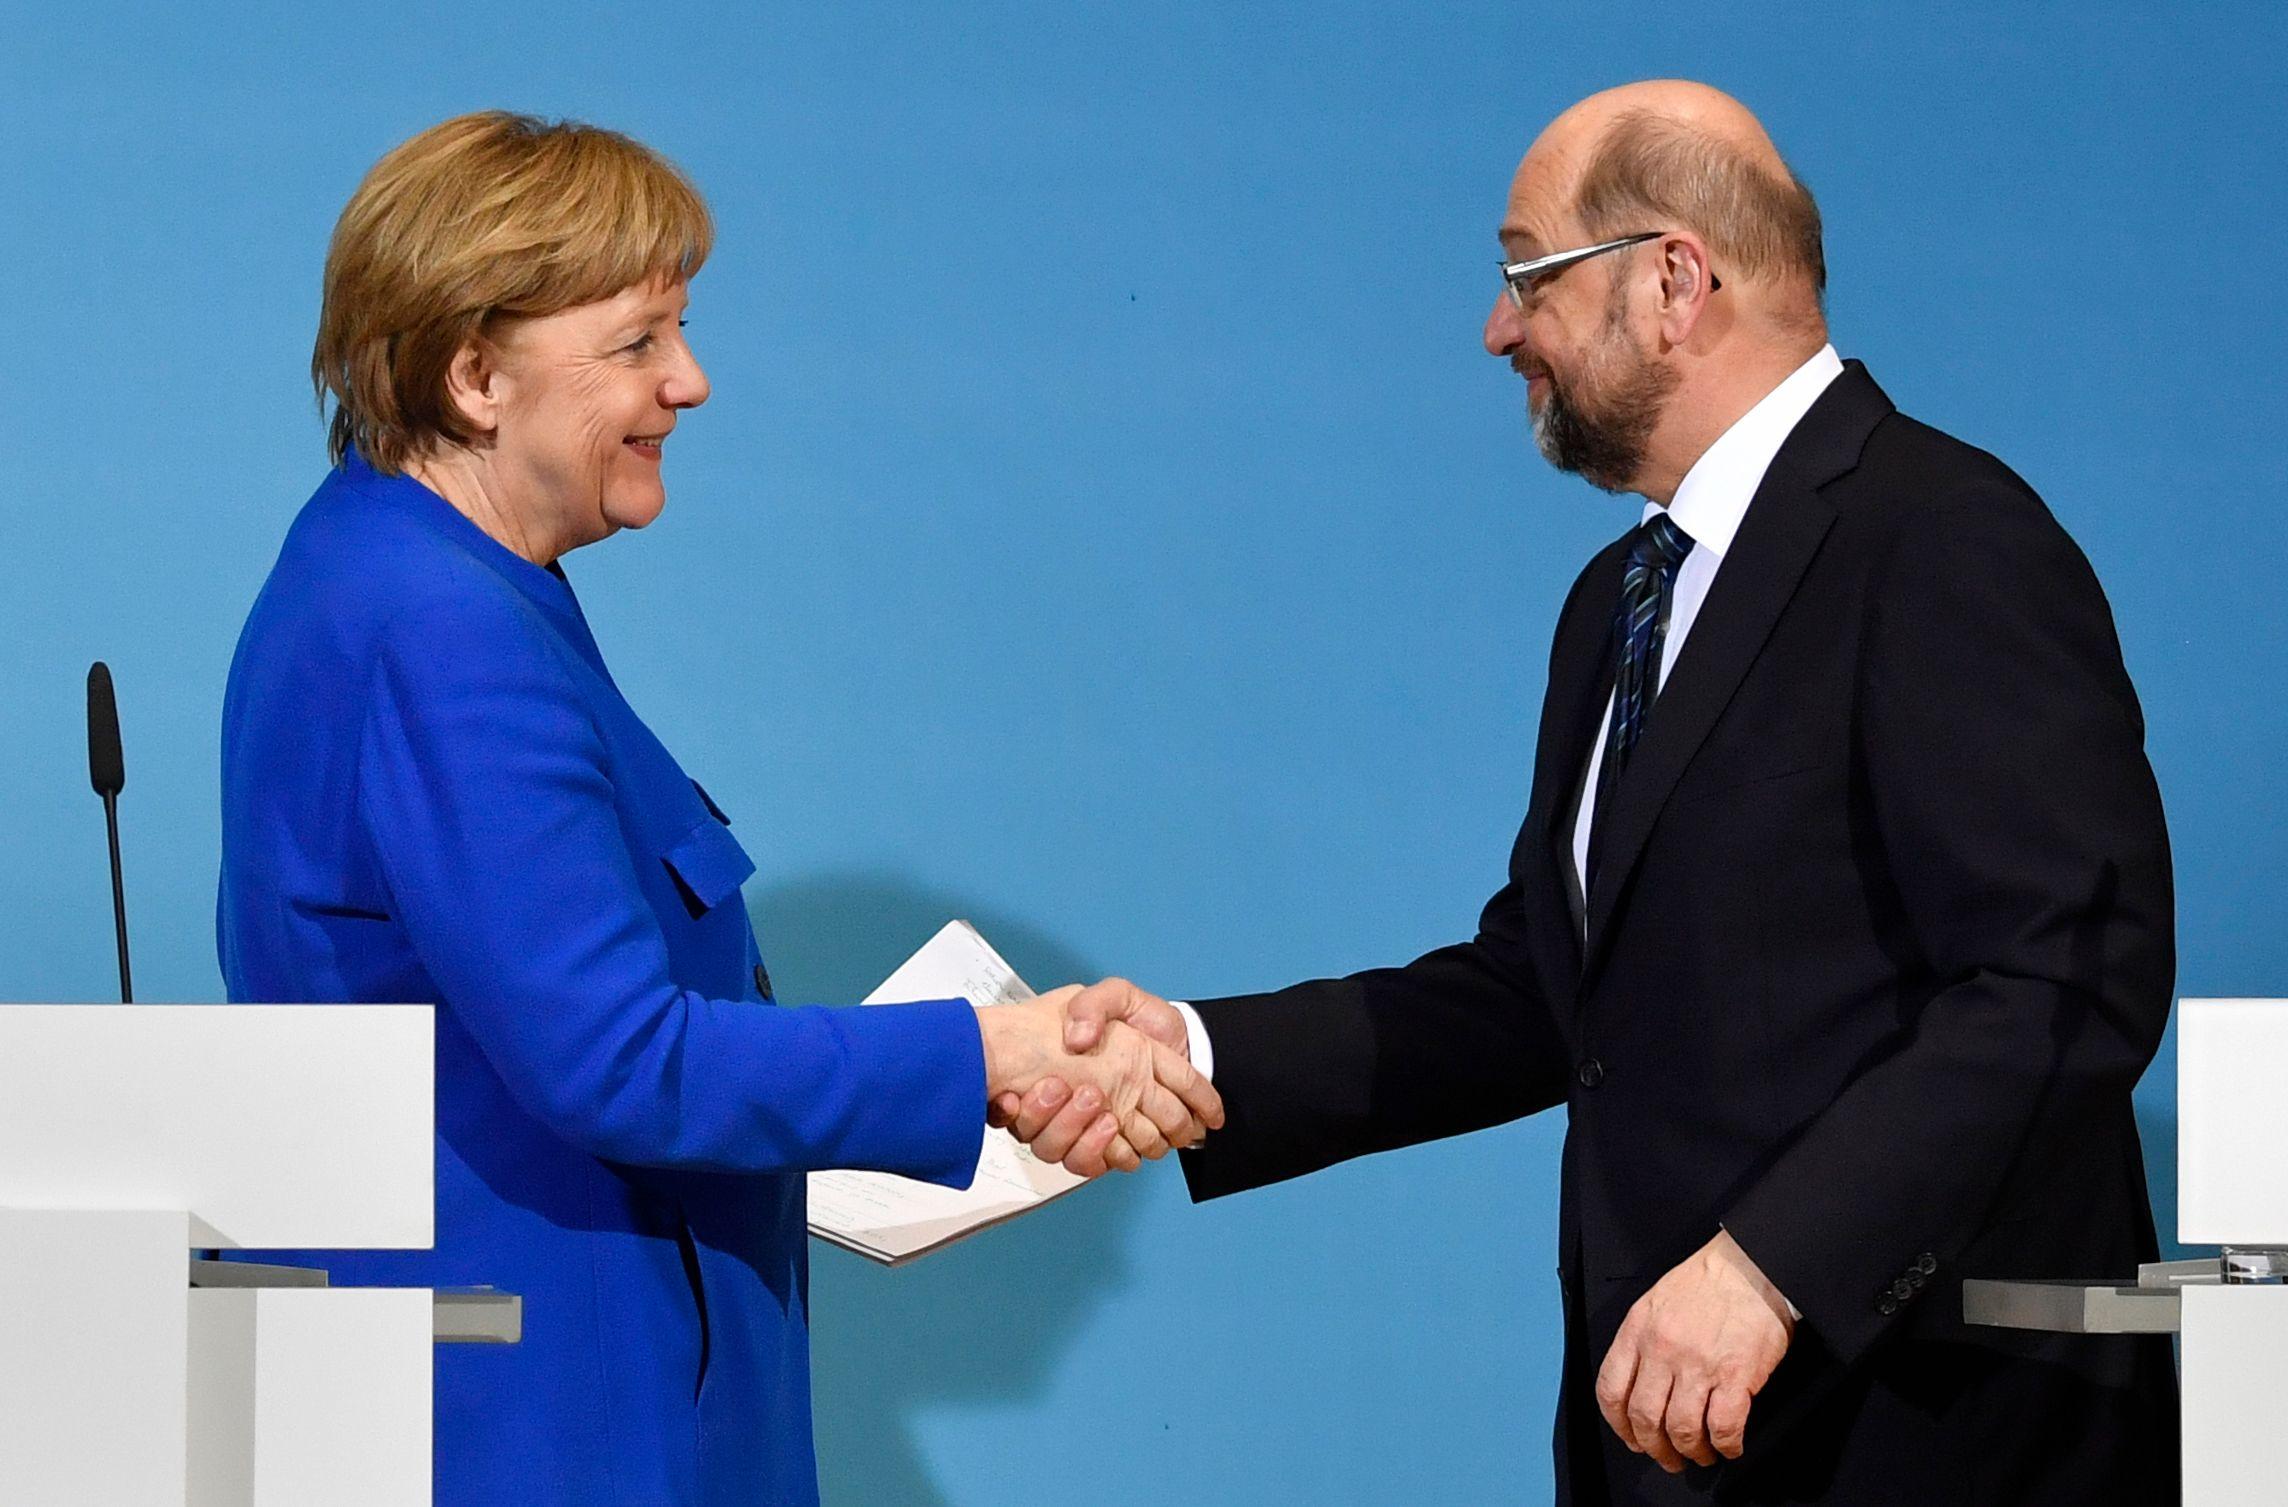 Acordo político na Alemanha saudado pelas instituições e parceiros europeus